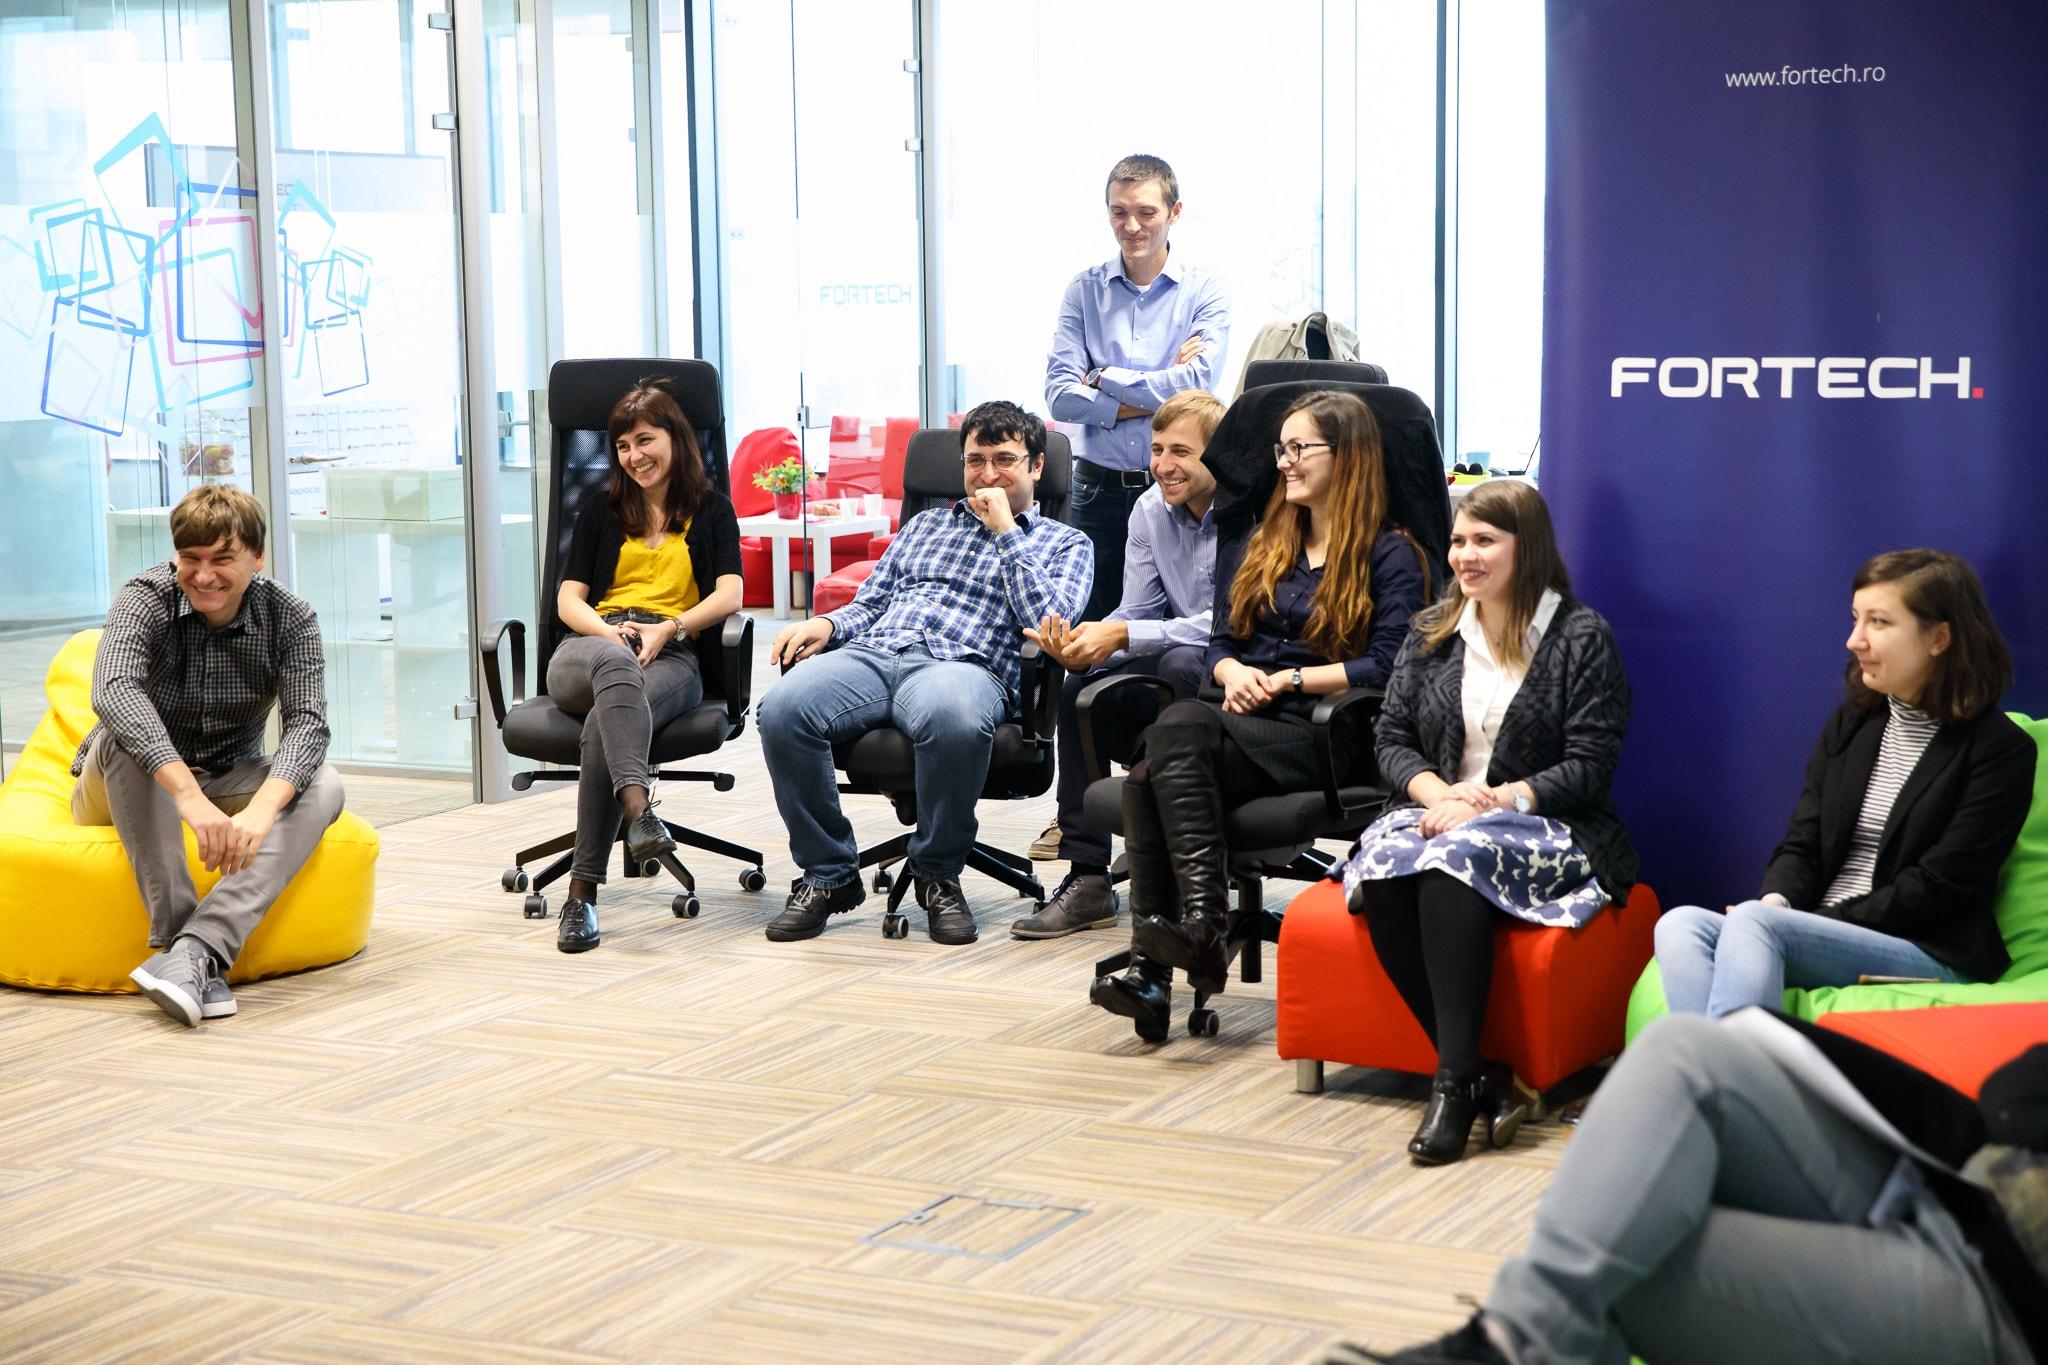 Fortech deschide cel de-al doilea birou în Iași